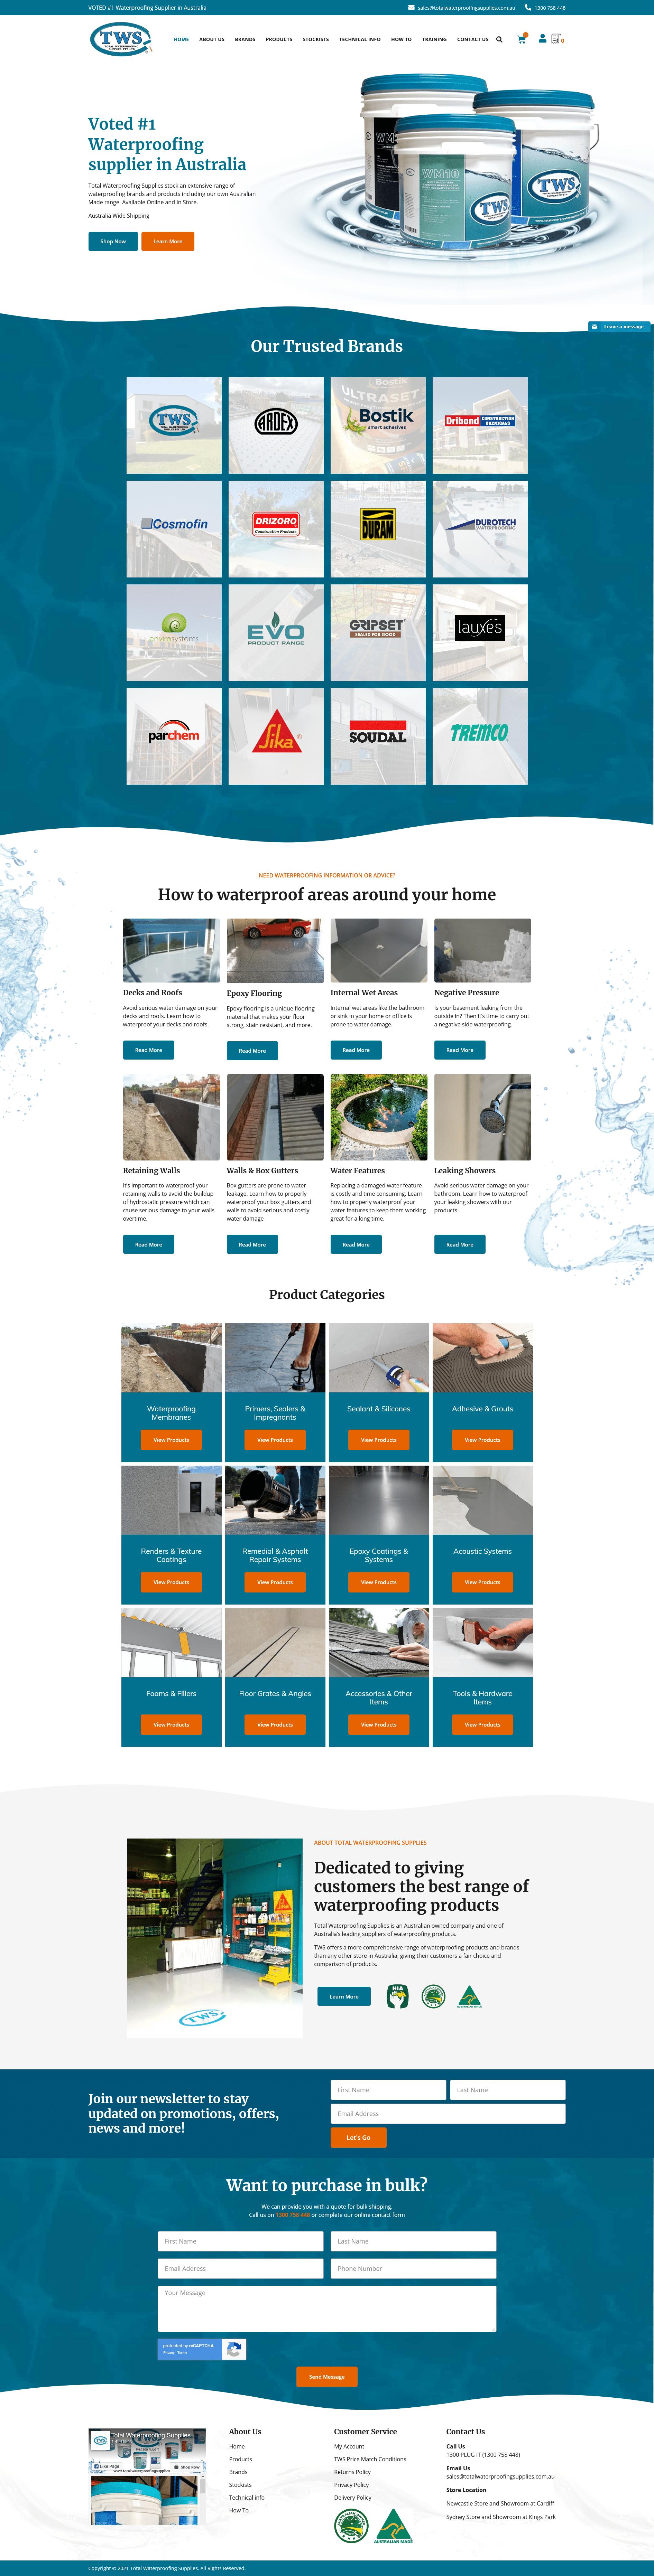 Total Waterproofing Supplies -